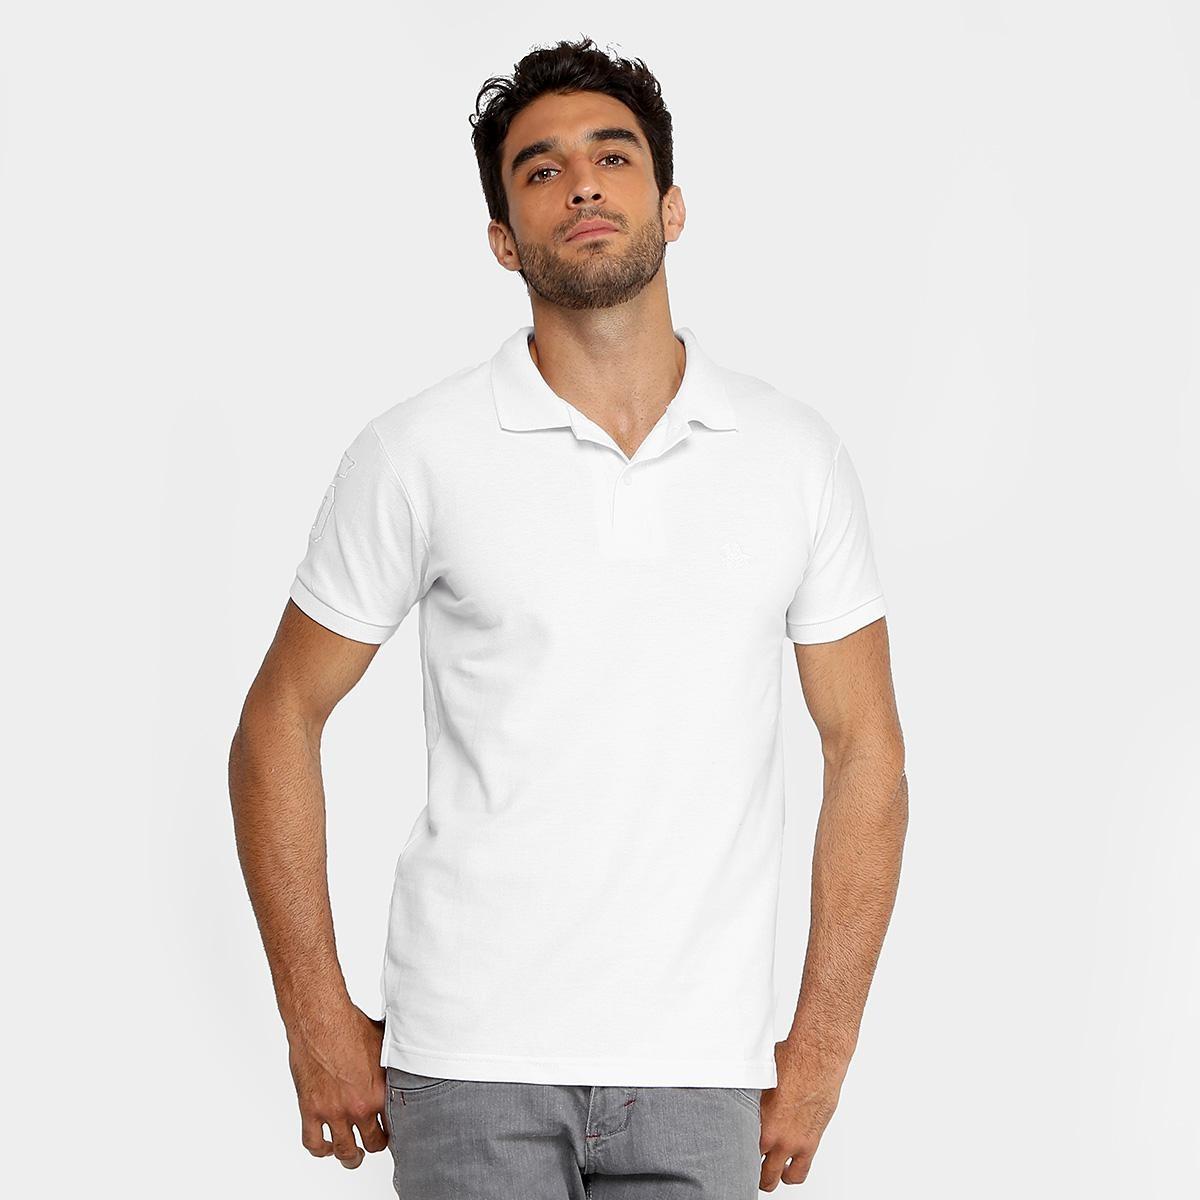 31970af793 camisa polo rg 518 clássica bordado masculina - cor branco. Carregando zoom.